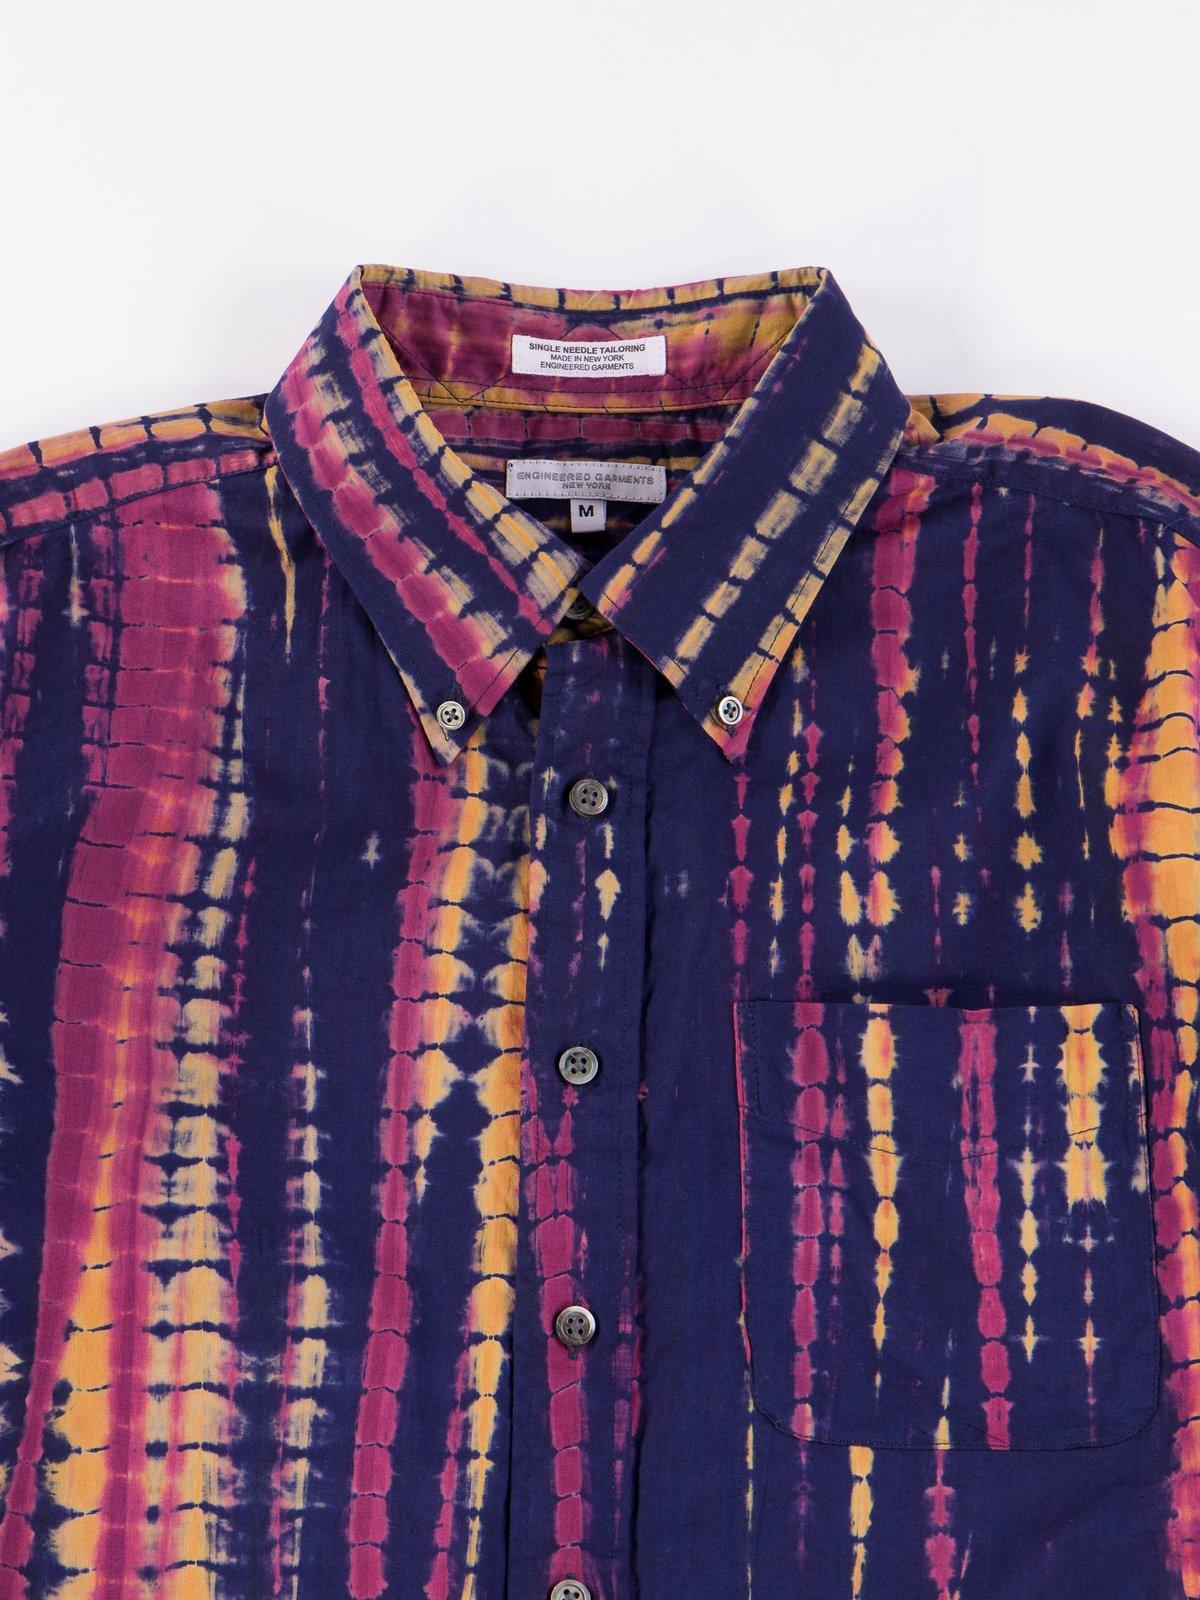 Navy Cotton Lawn Batik Stripe 19th Century BD Shirt - Image 3